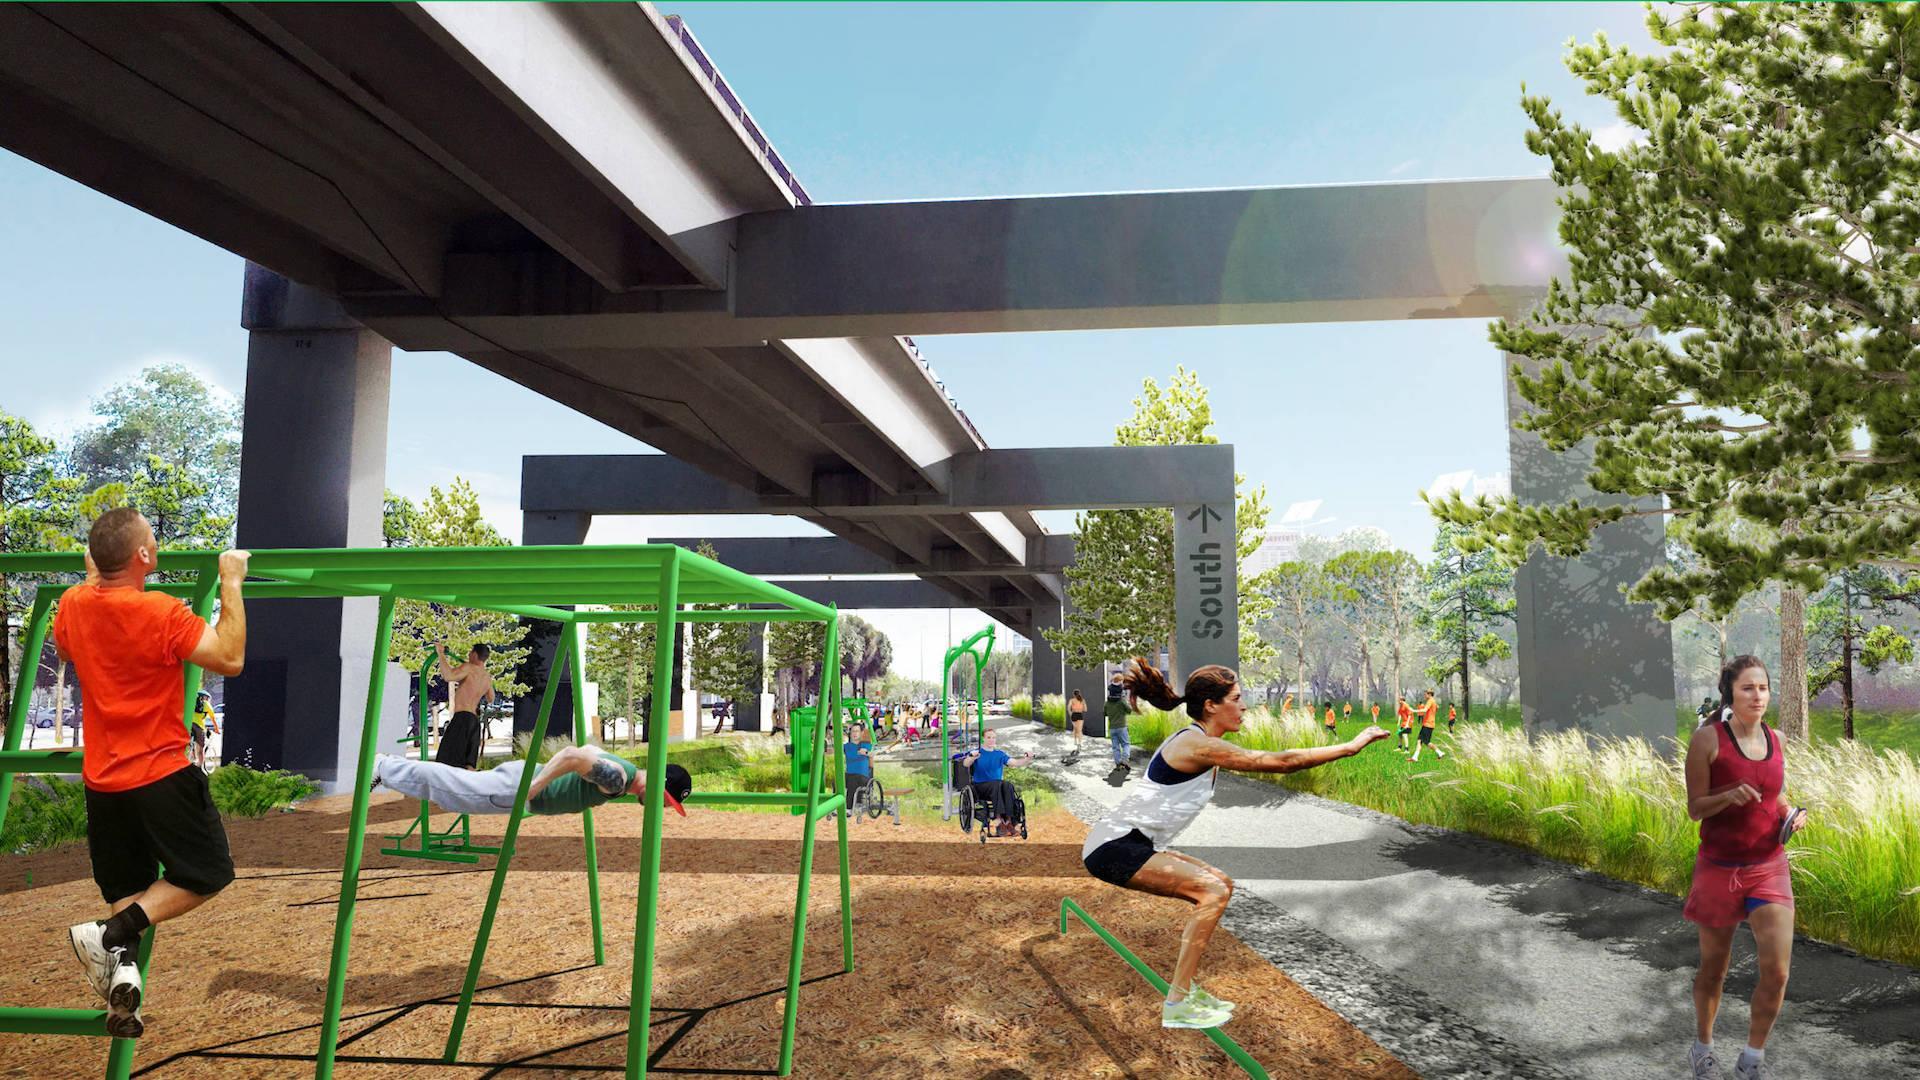 Miami tendrá su nuevo parque Underline, al mejor estilo del High Line de NY - 7